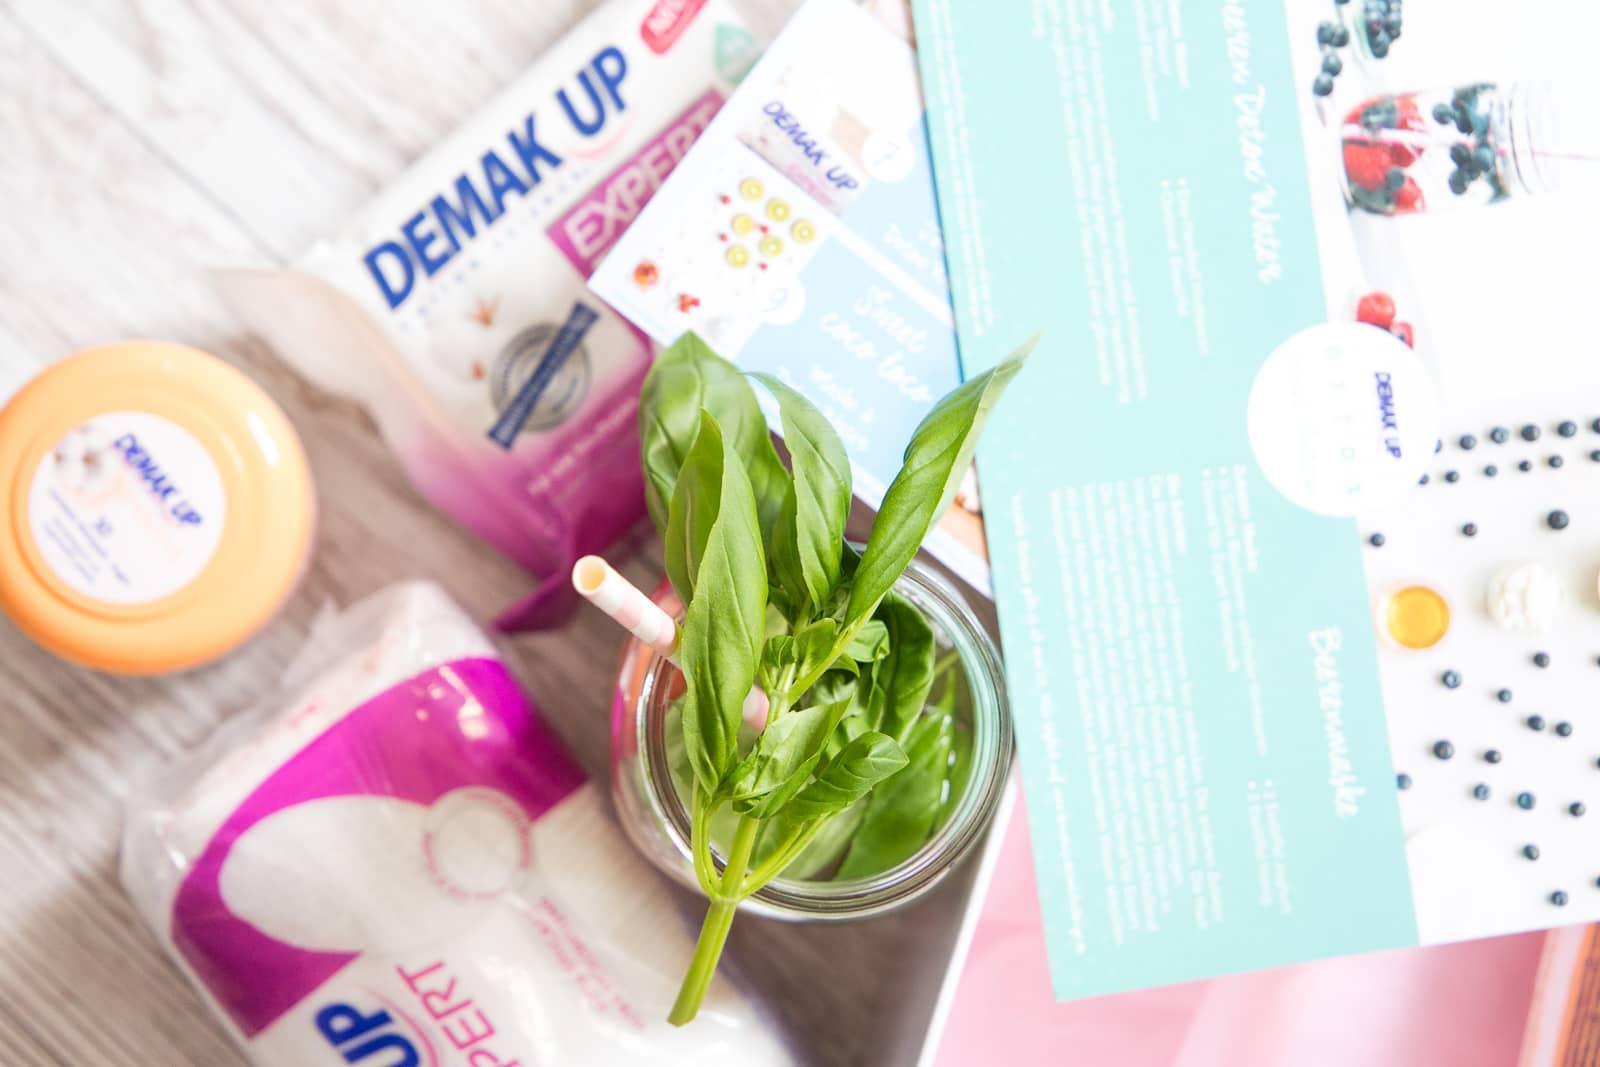 Demak'Up Detox Challenge: So trinkst du ausreichend Wasser